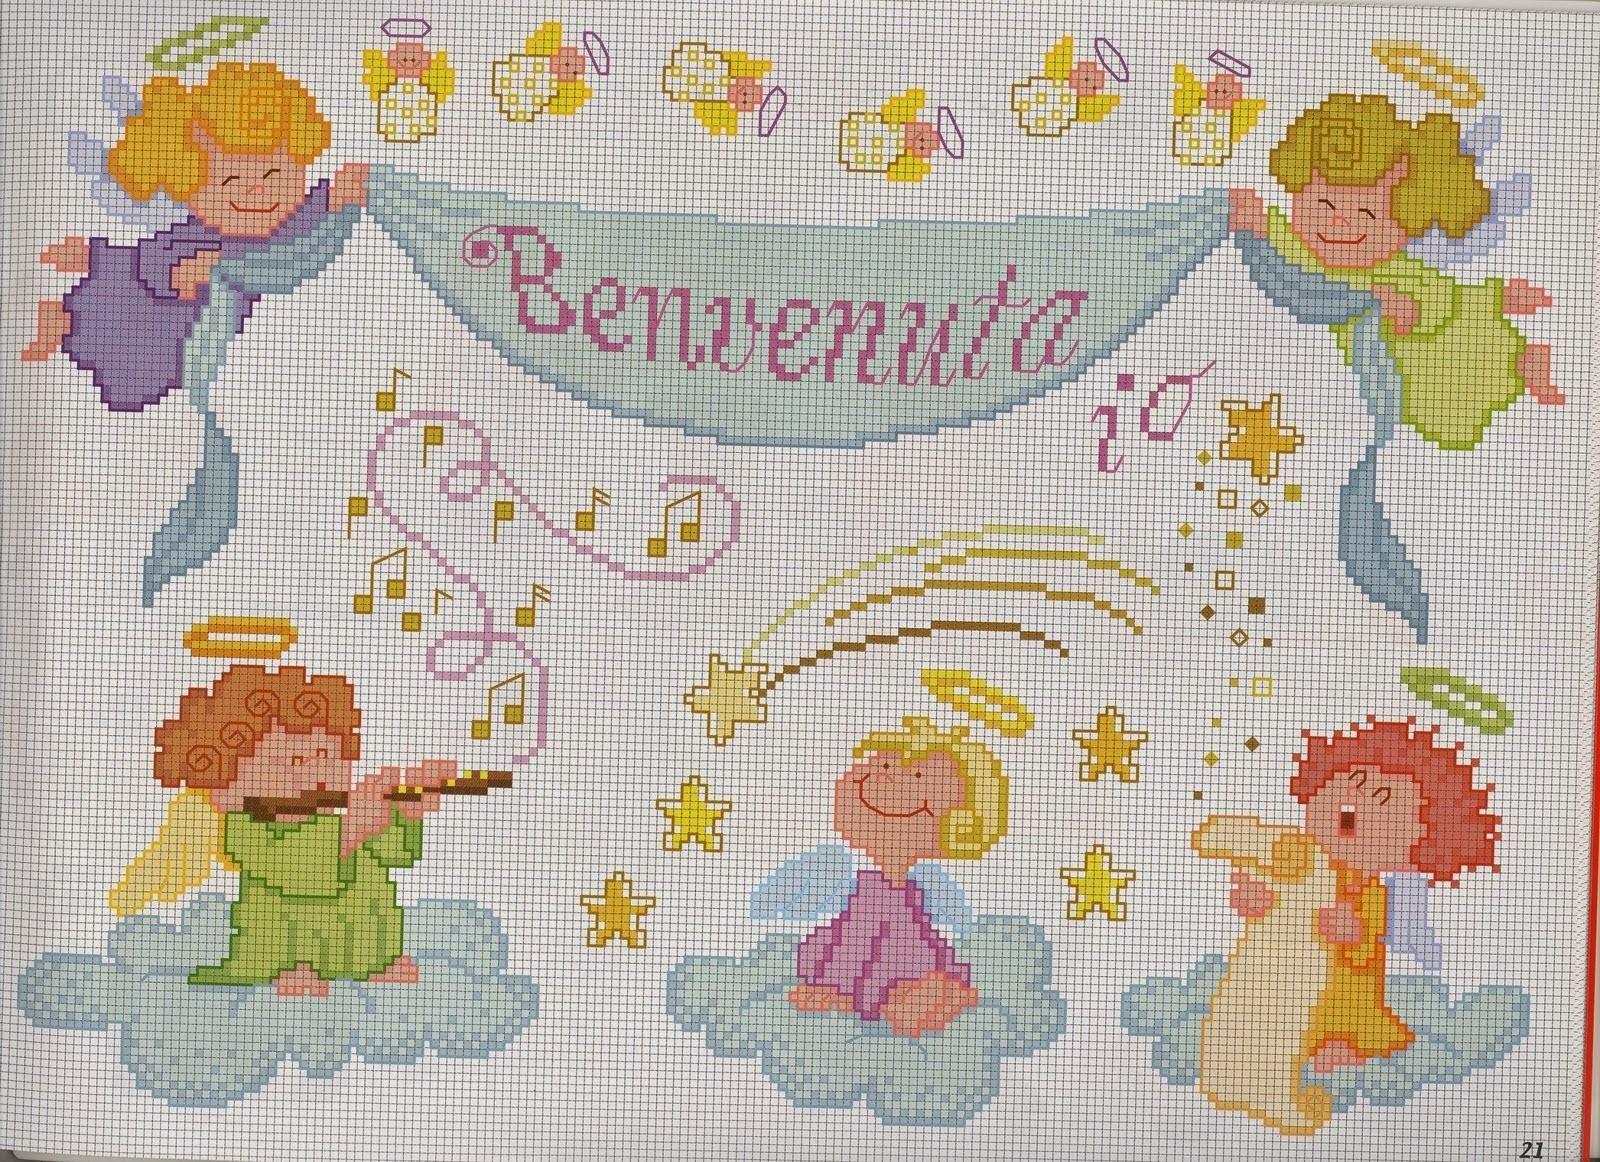 Schemi per il punto croce motivi per bambini a punto croce for Farfalle a punto croce per bambini